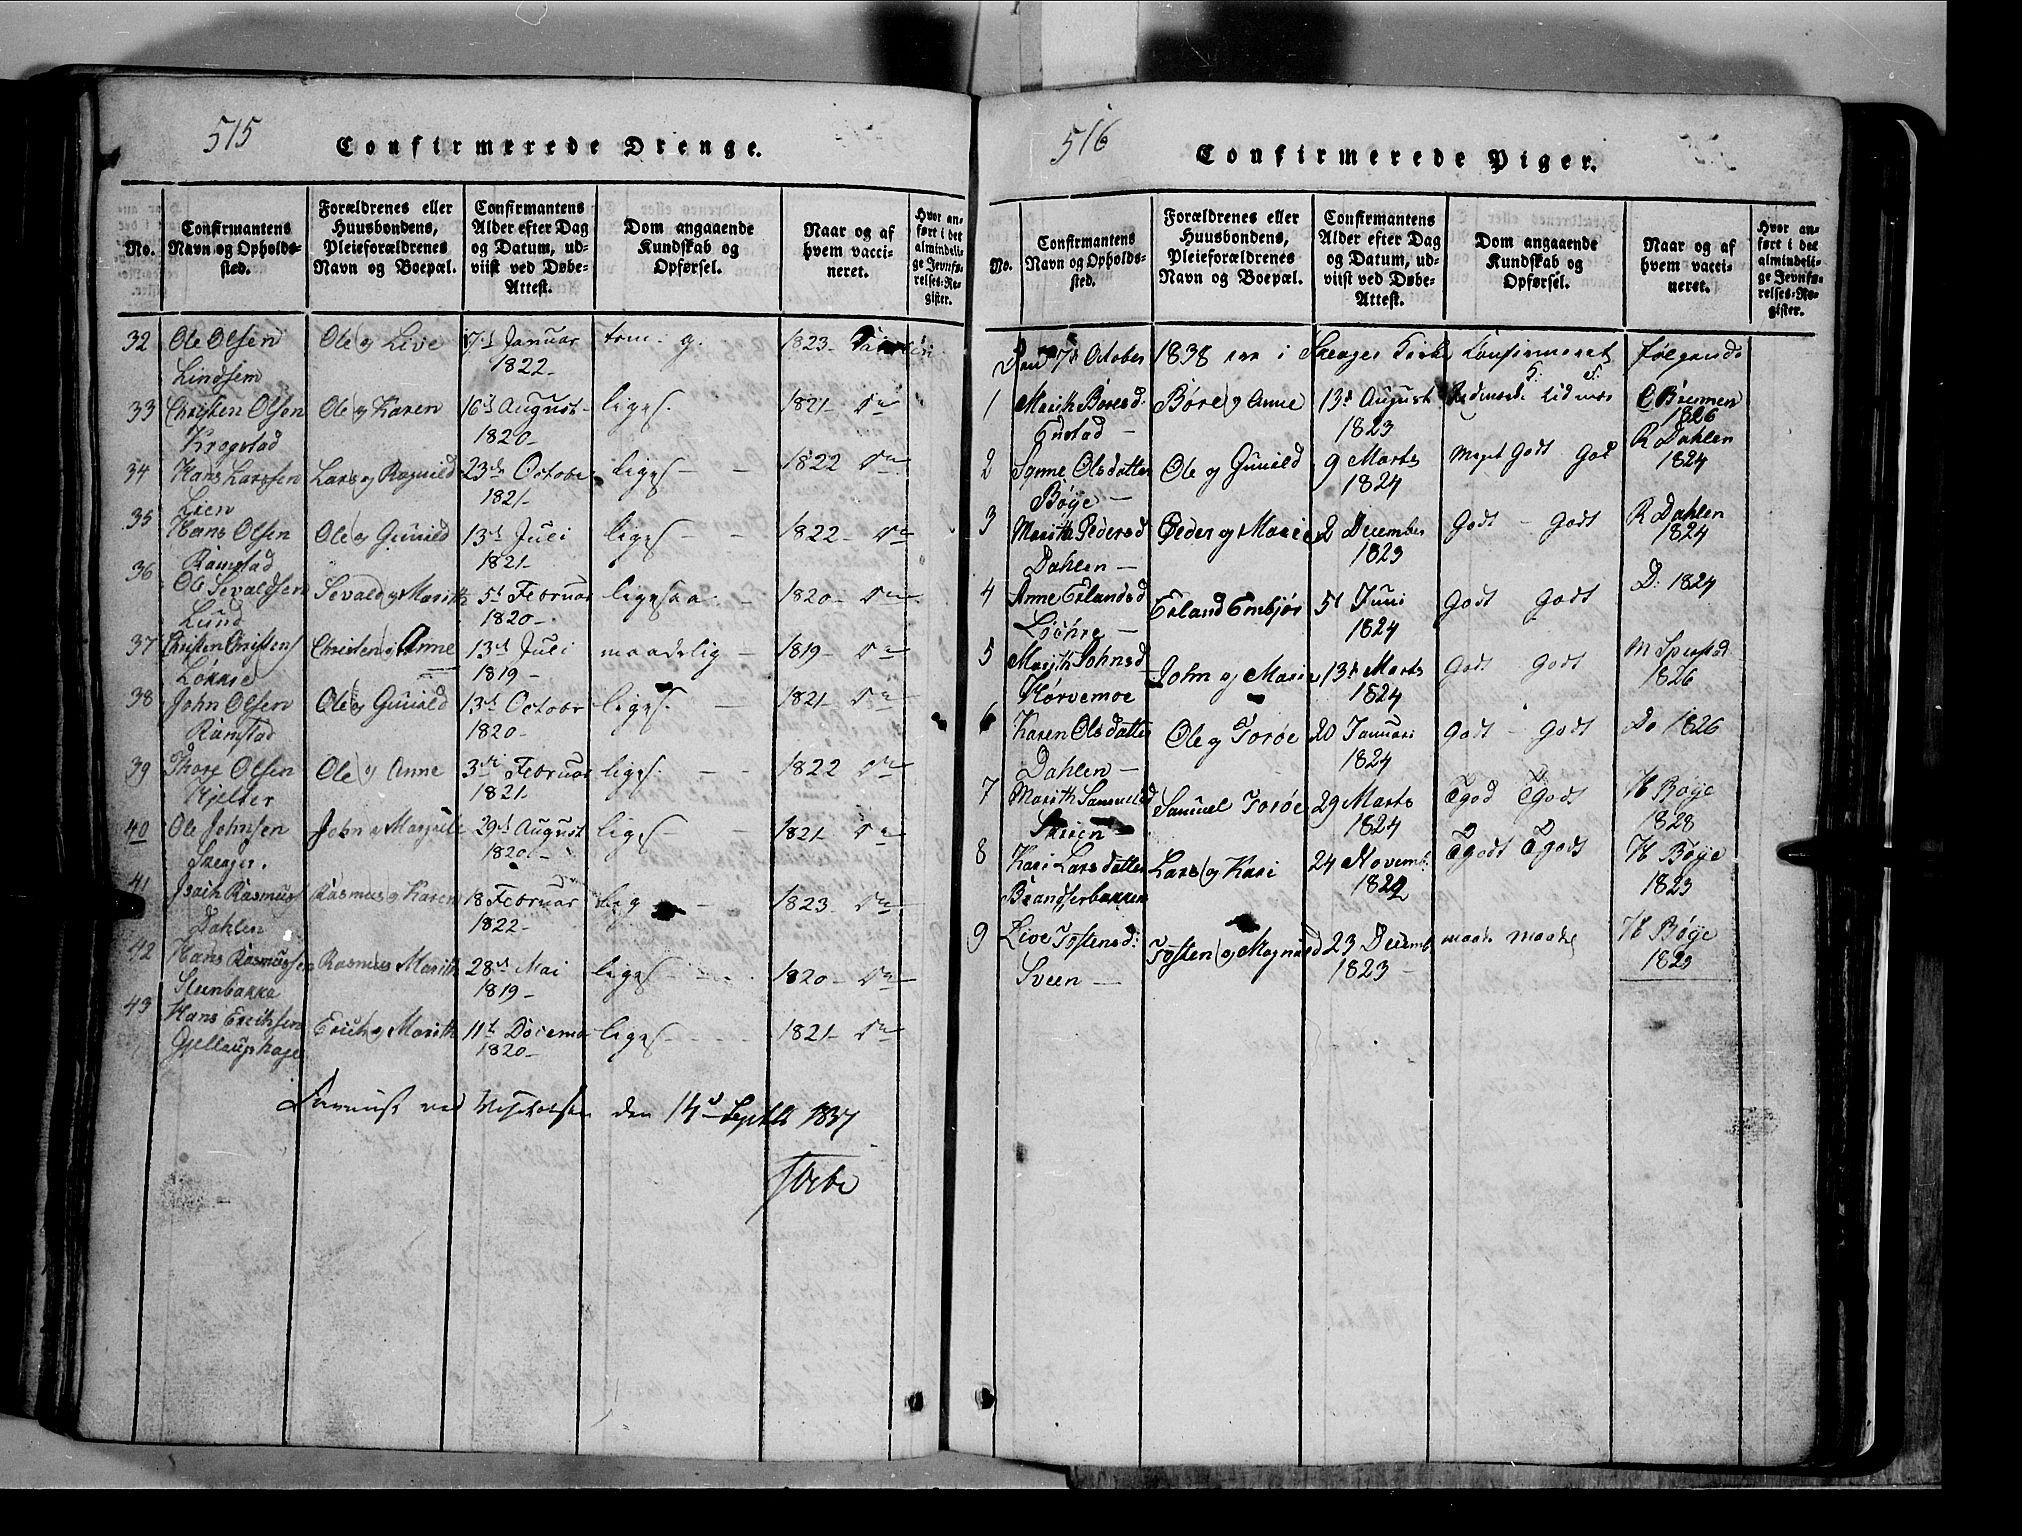 SAH, Lom prestekontor, L/L0003: Klokkerbok nr. 3, 1815-1844, s. 515-516